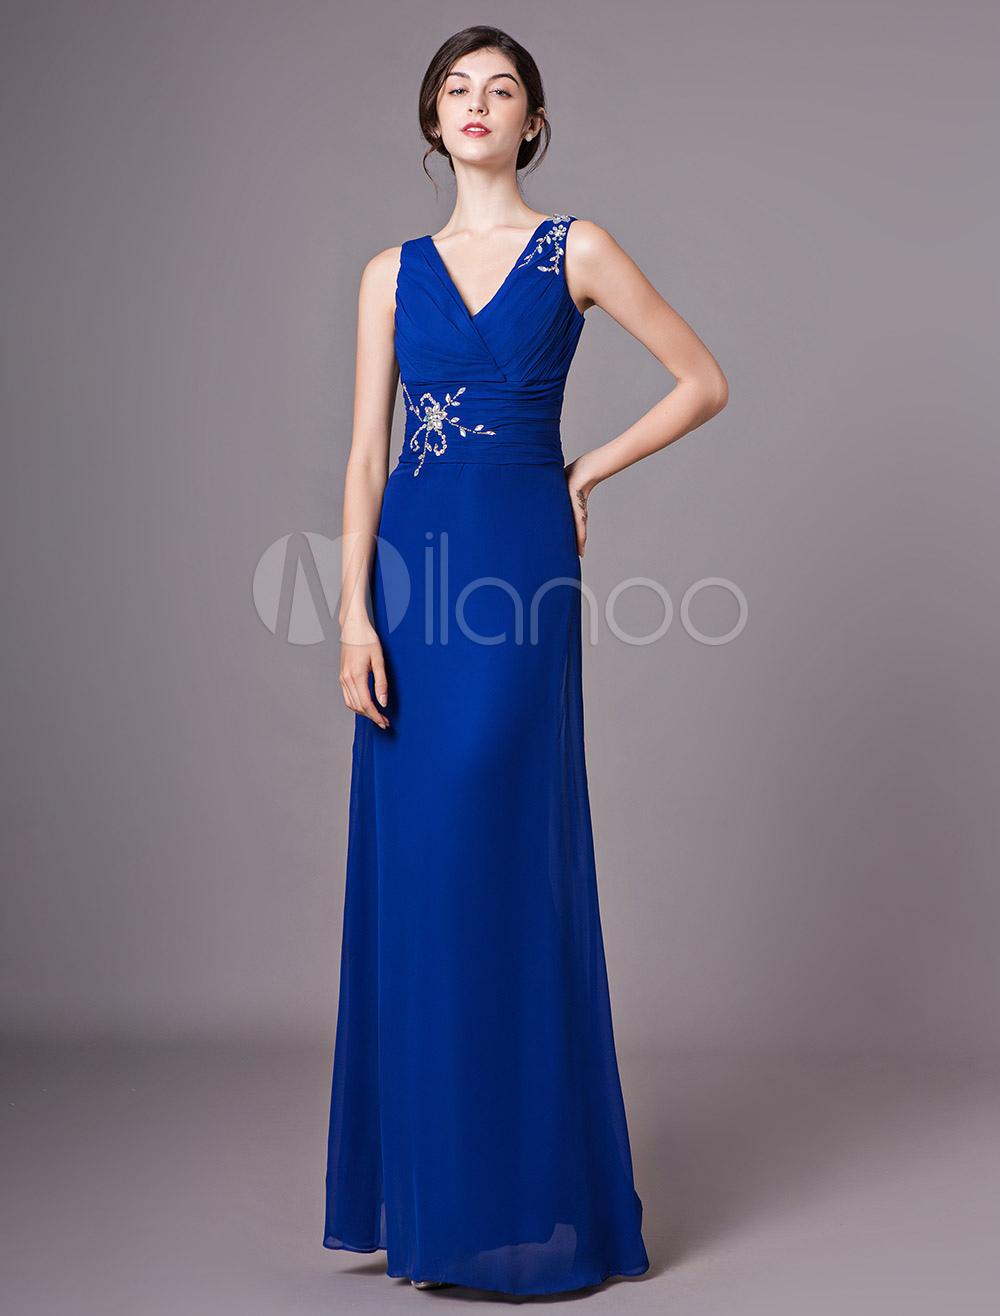 Abiti Da Sera Blu.Abito Da Sera Blu Royal Con Scollo A V In Chiffon Con Perline